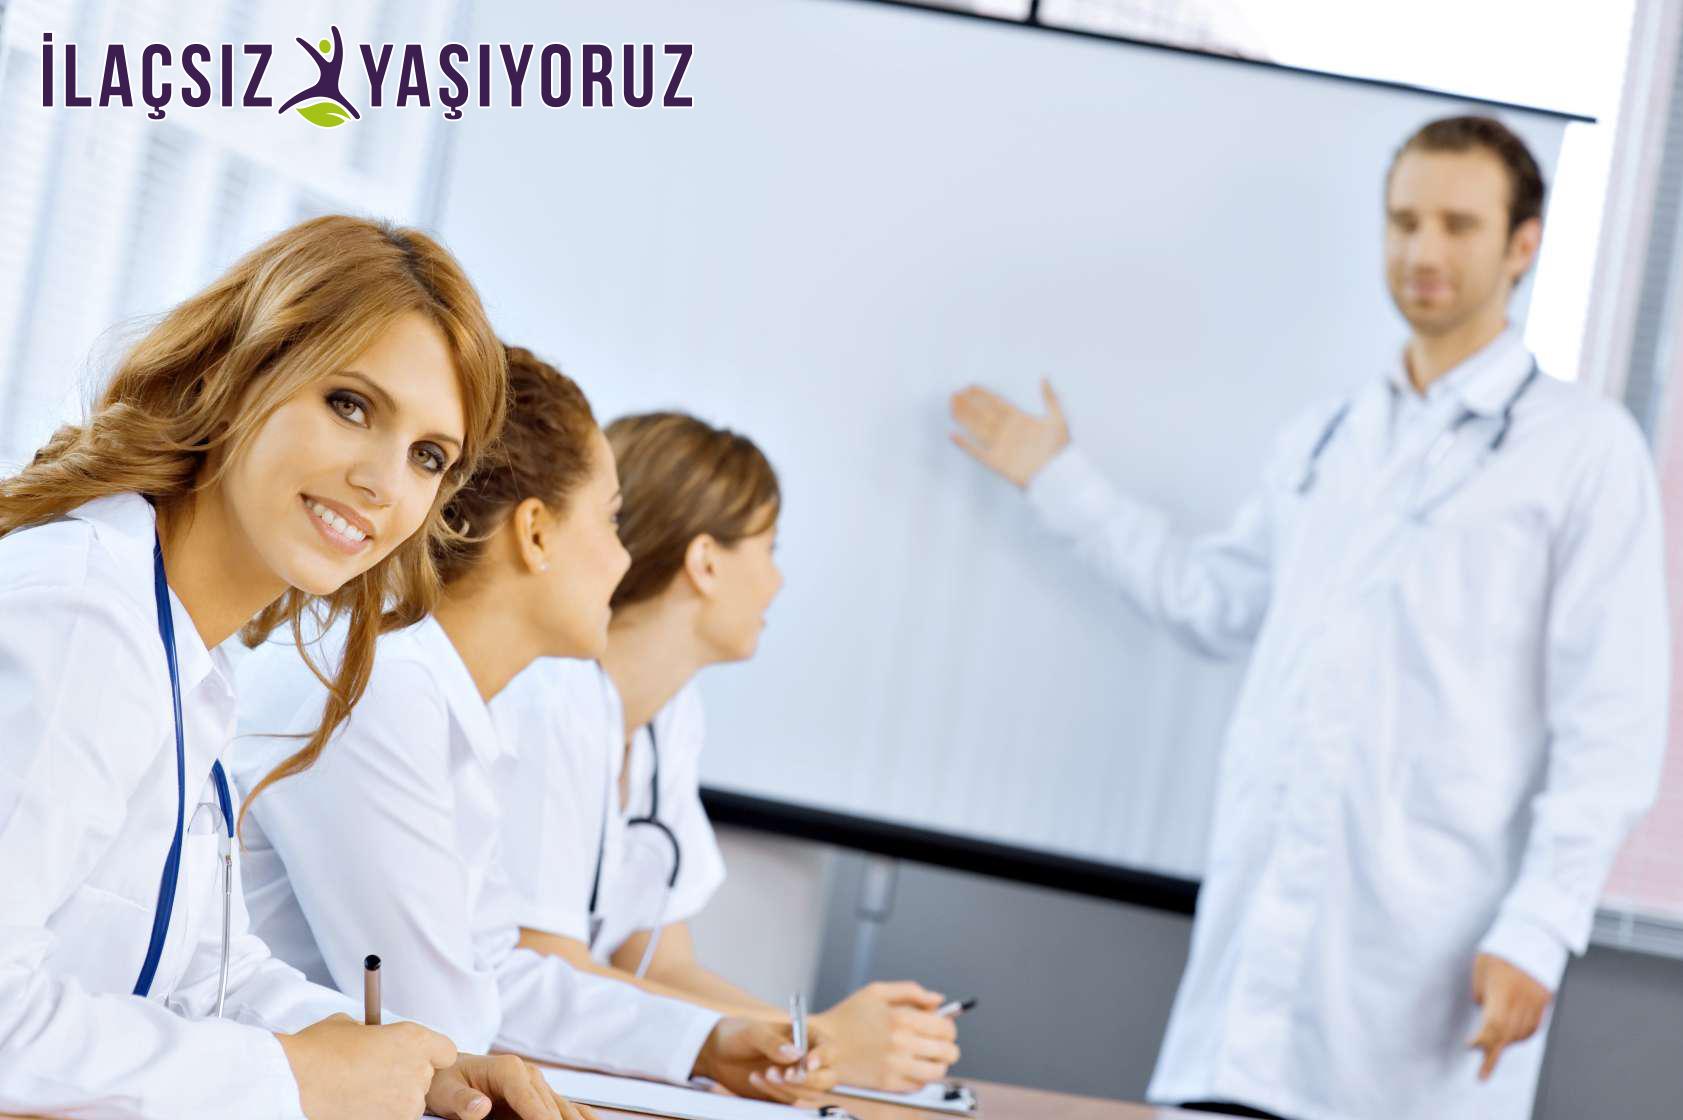 Fonksiyonel Tıp Eğitimi Nedir